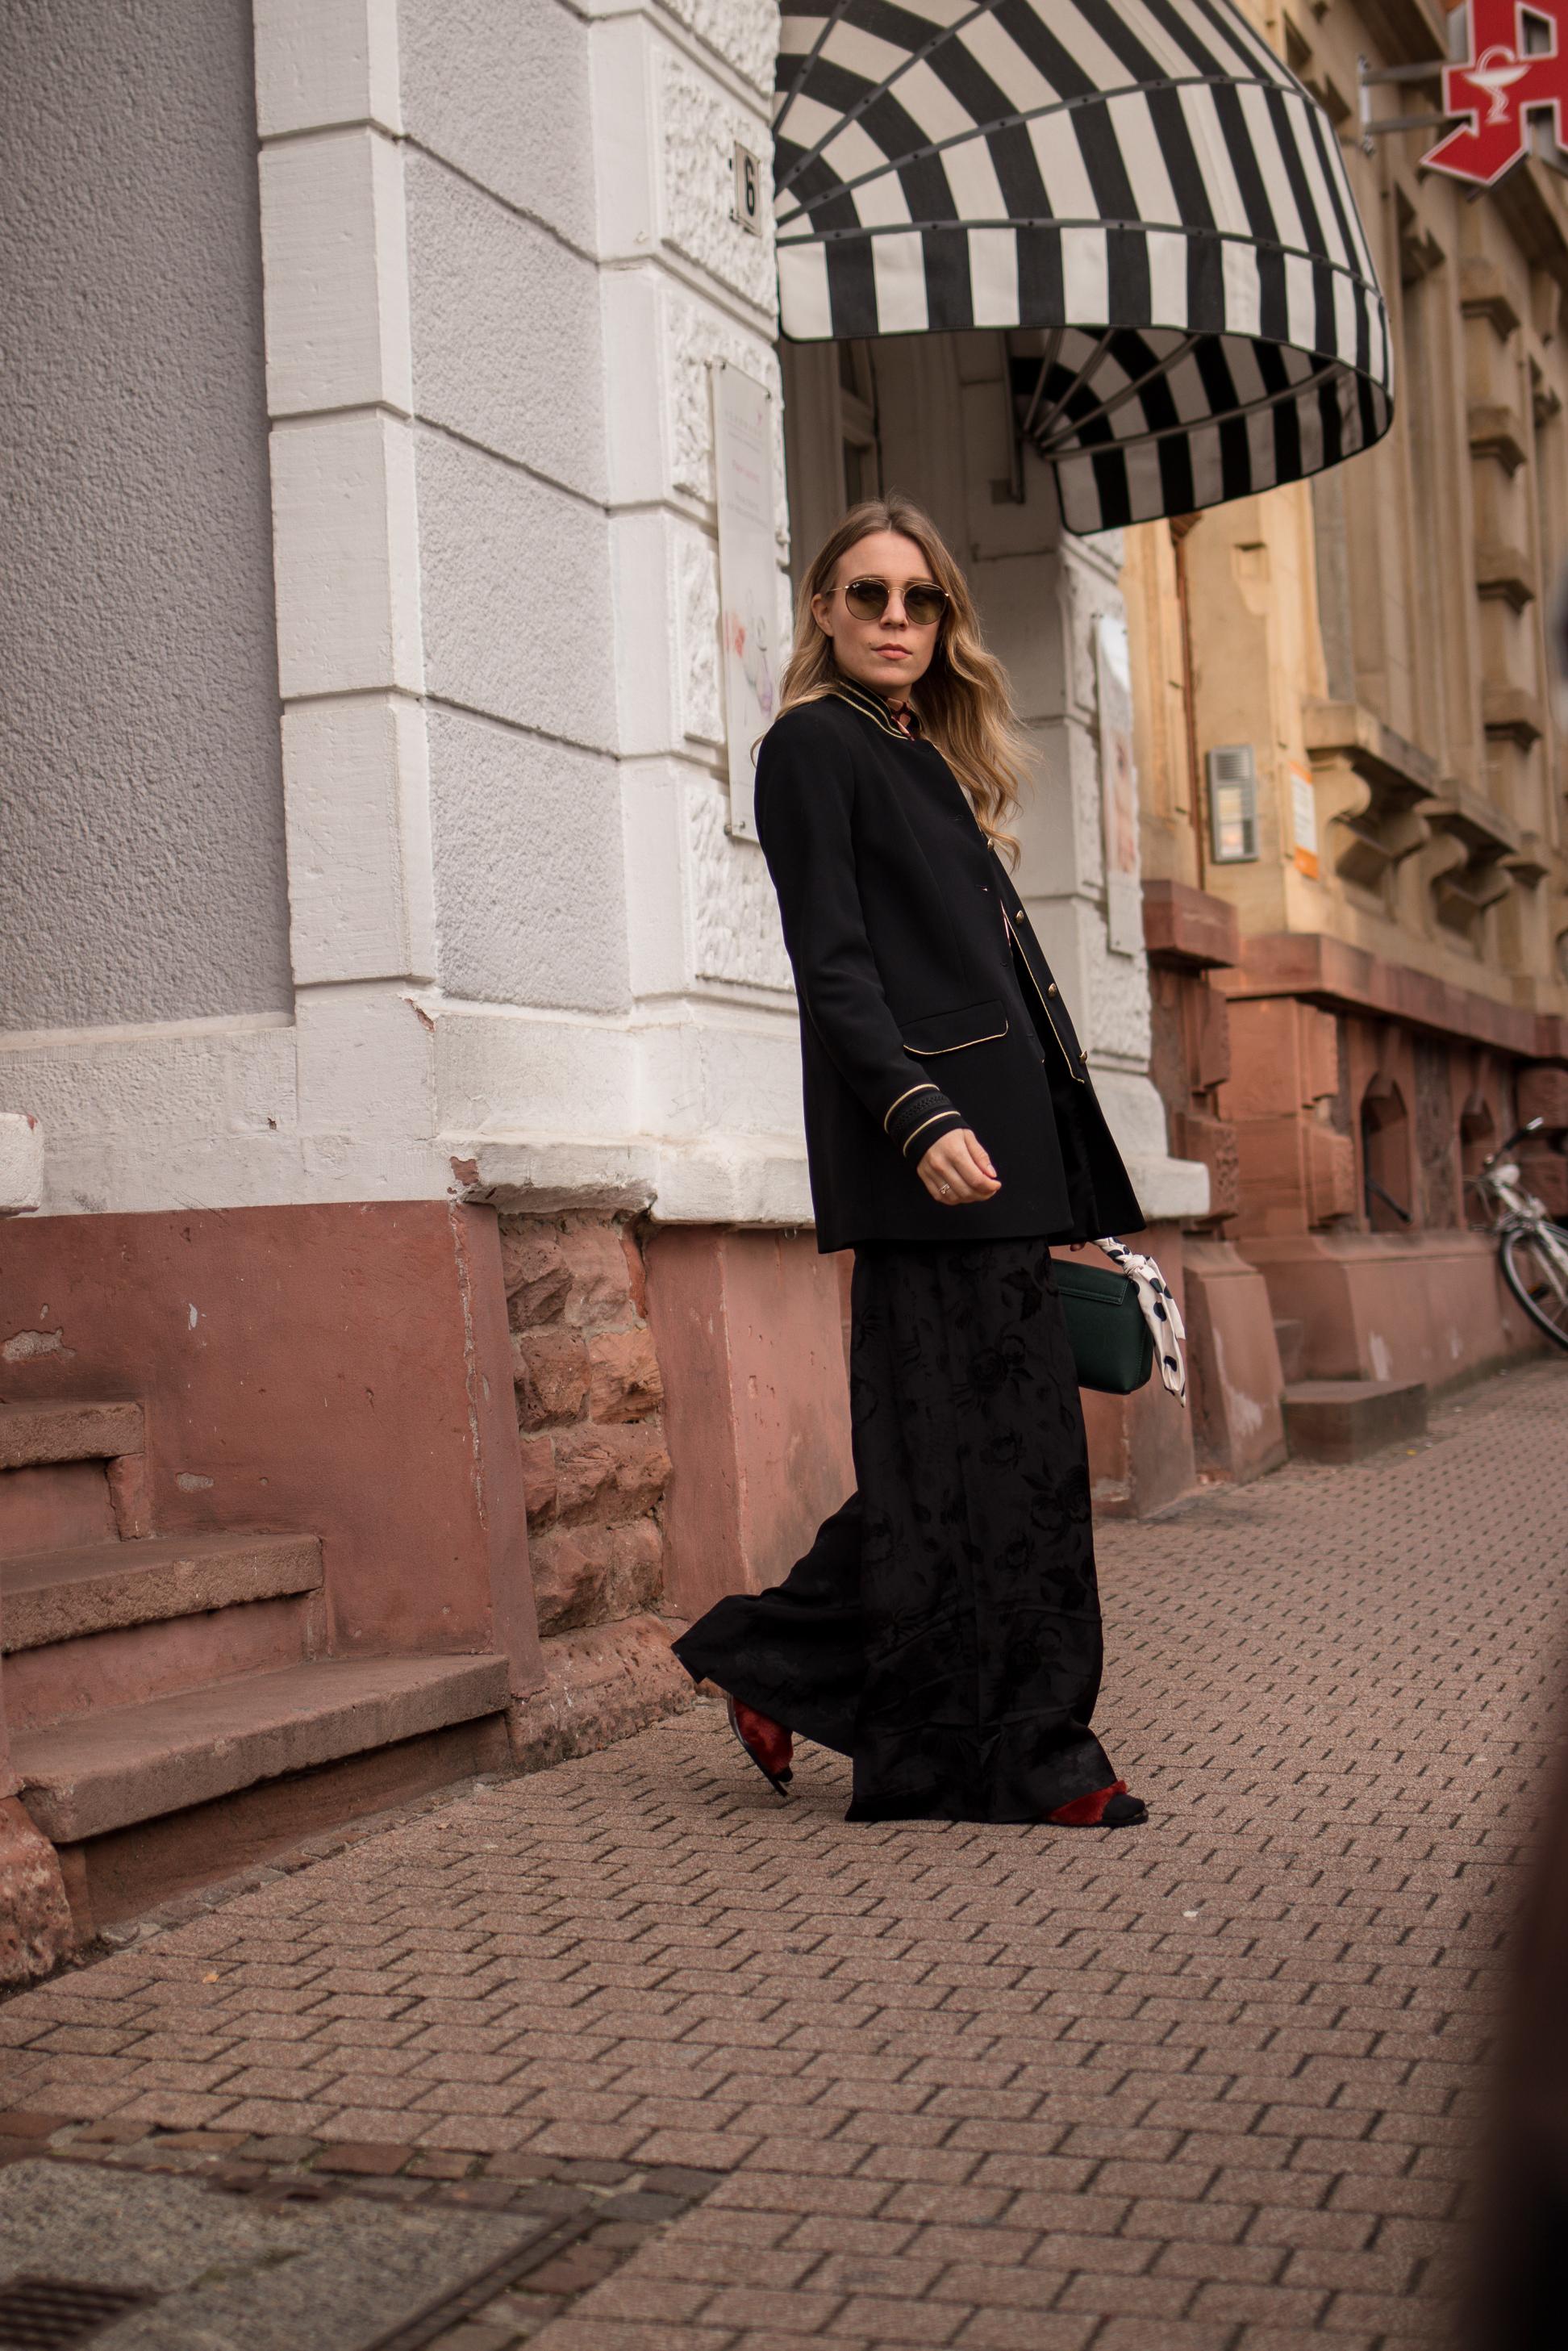 Marlene pants &otherstories retro look pattern mix army jacket marlene hose kombinieren andotherstories rayban rosé verspiegelt Streetstyle Modeblogger Heidelberg Sariety Fashionblog_4-001